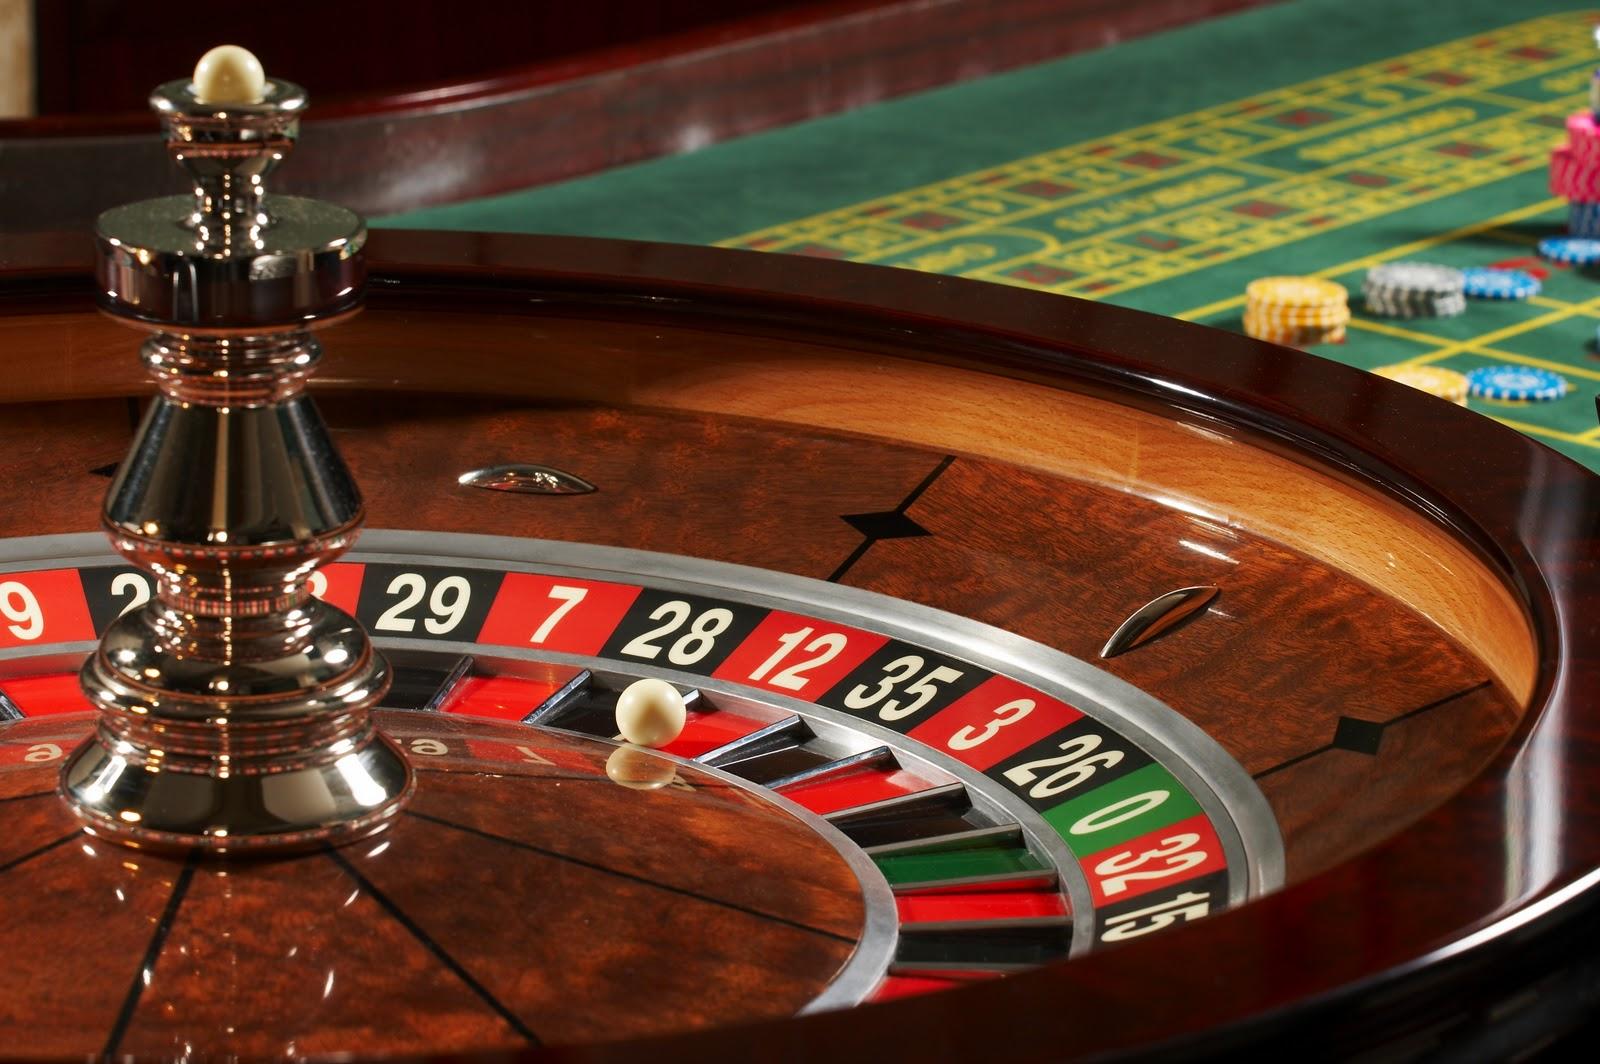 Jeux casino : miser plus pour gagner plus